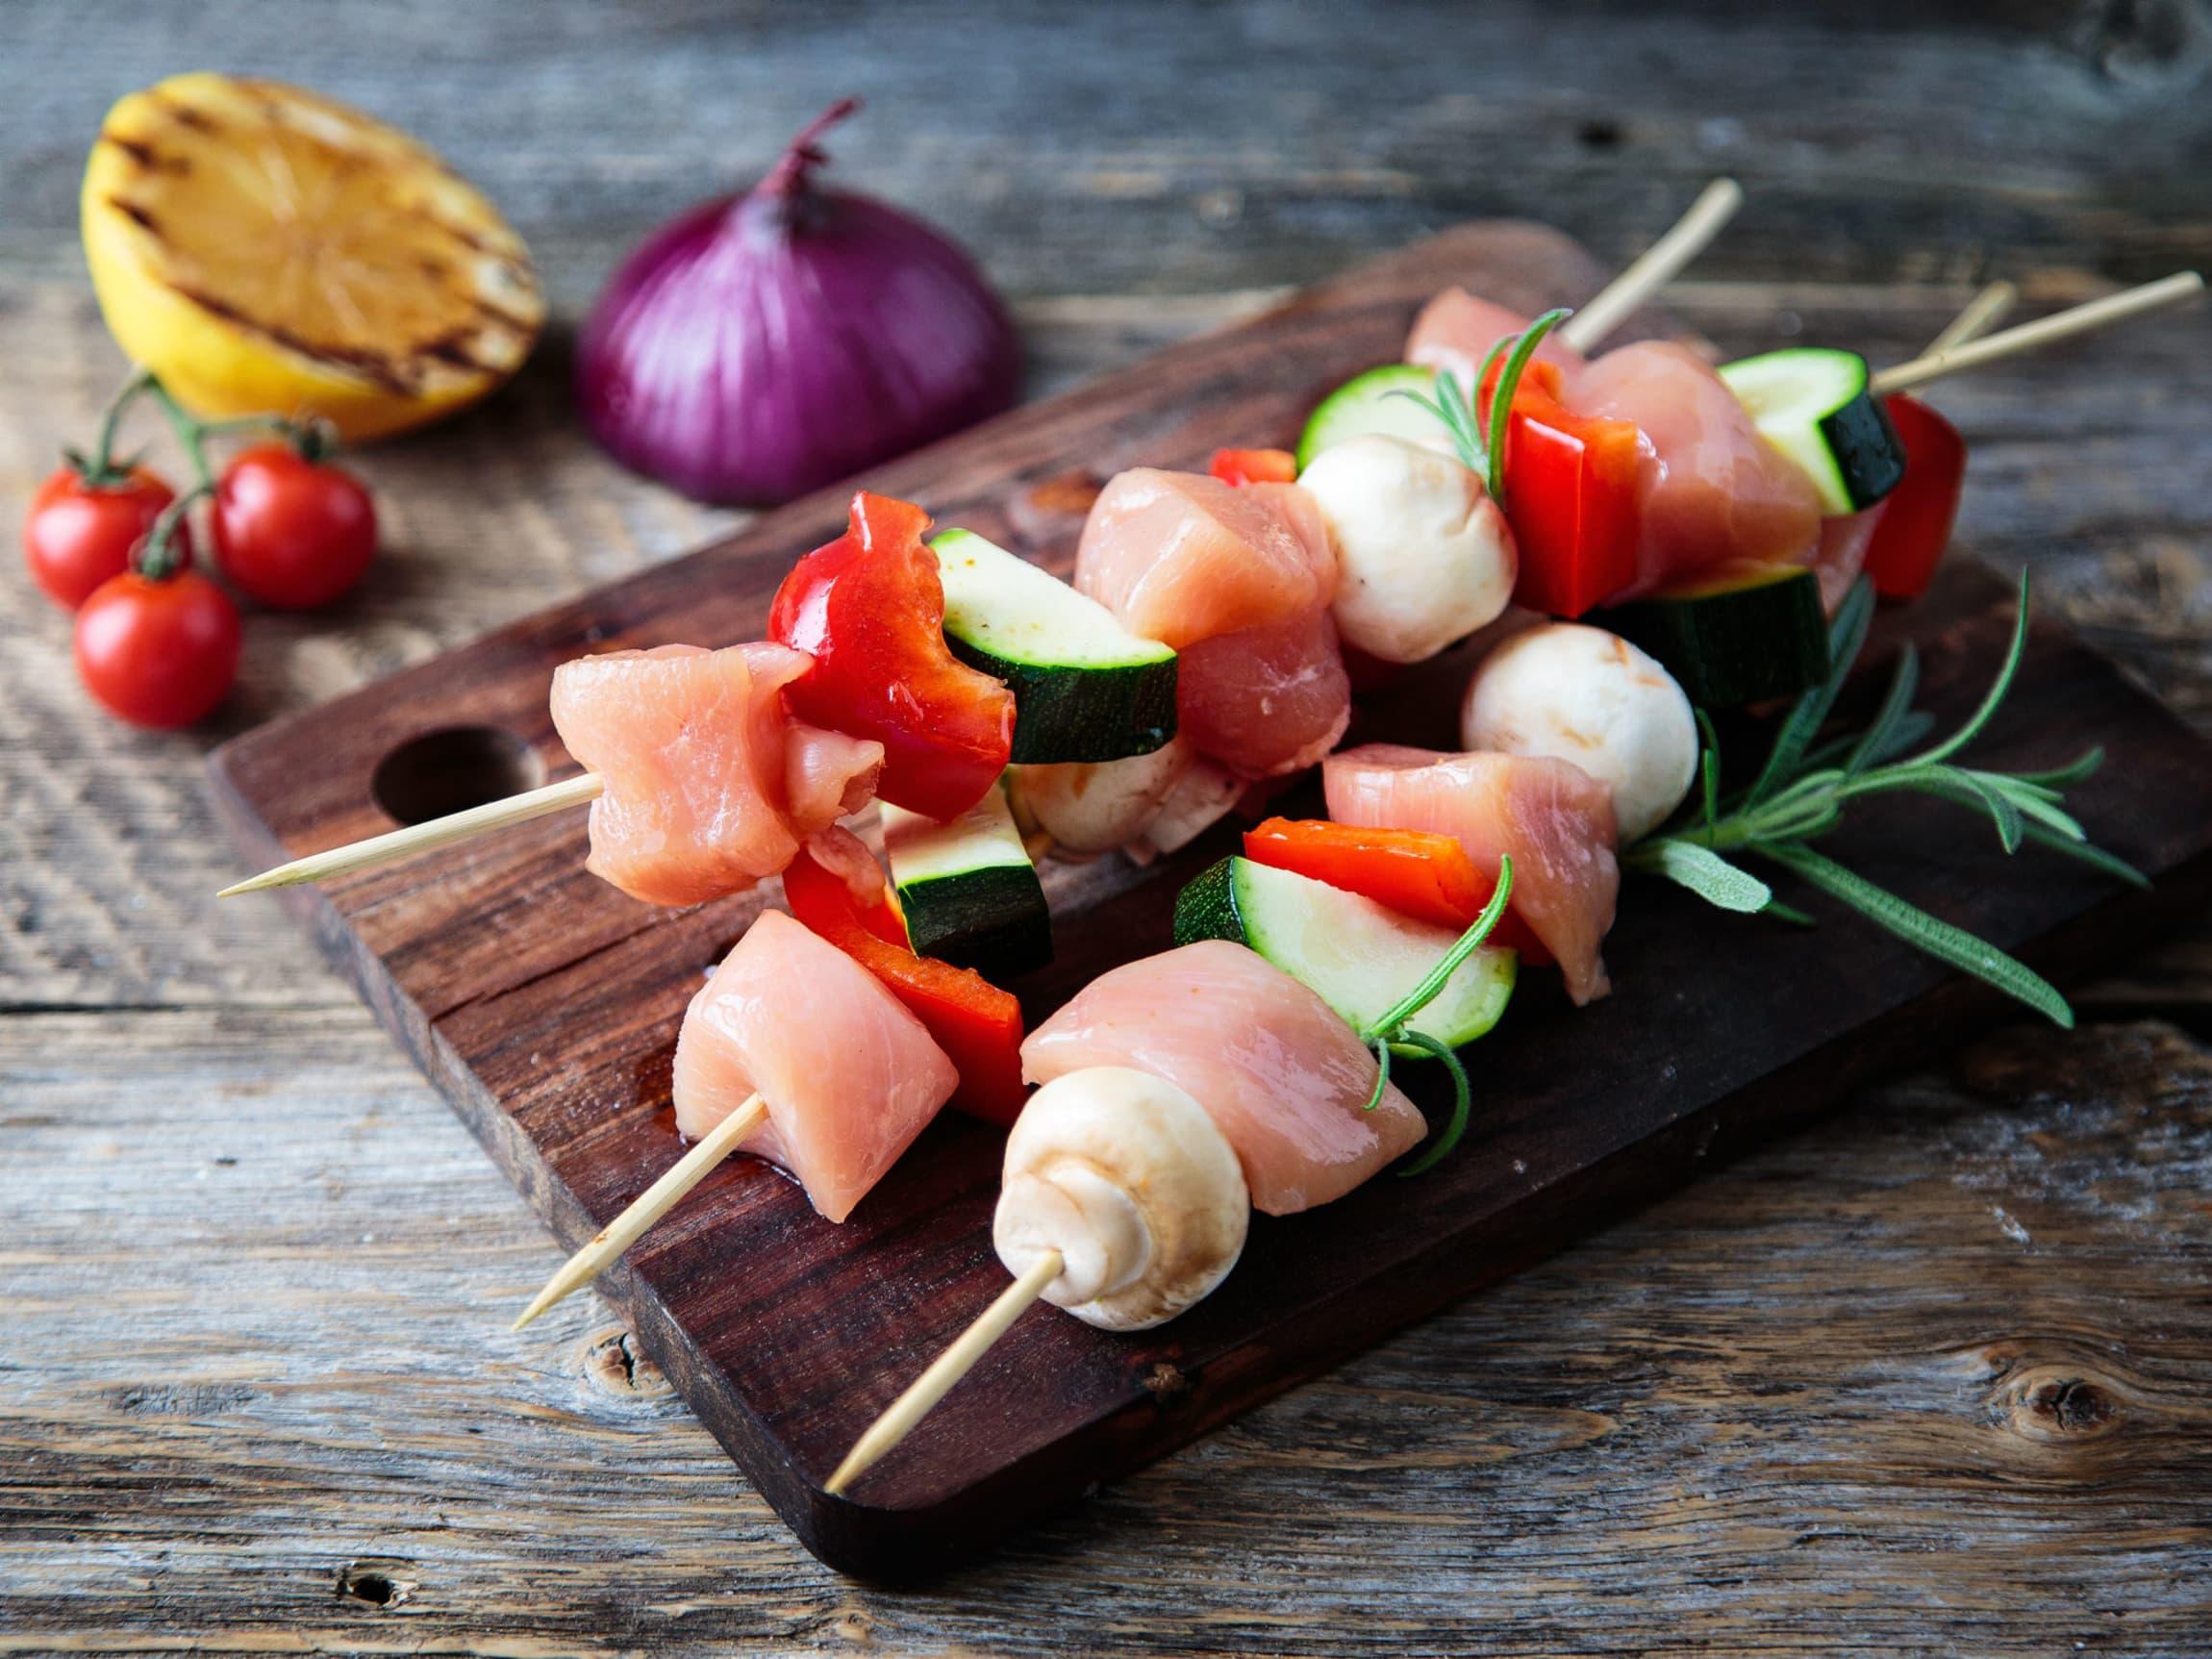 Sopp, kylling, sqaush og paprika er en smakfull kombinasjon.